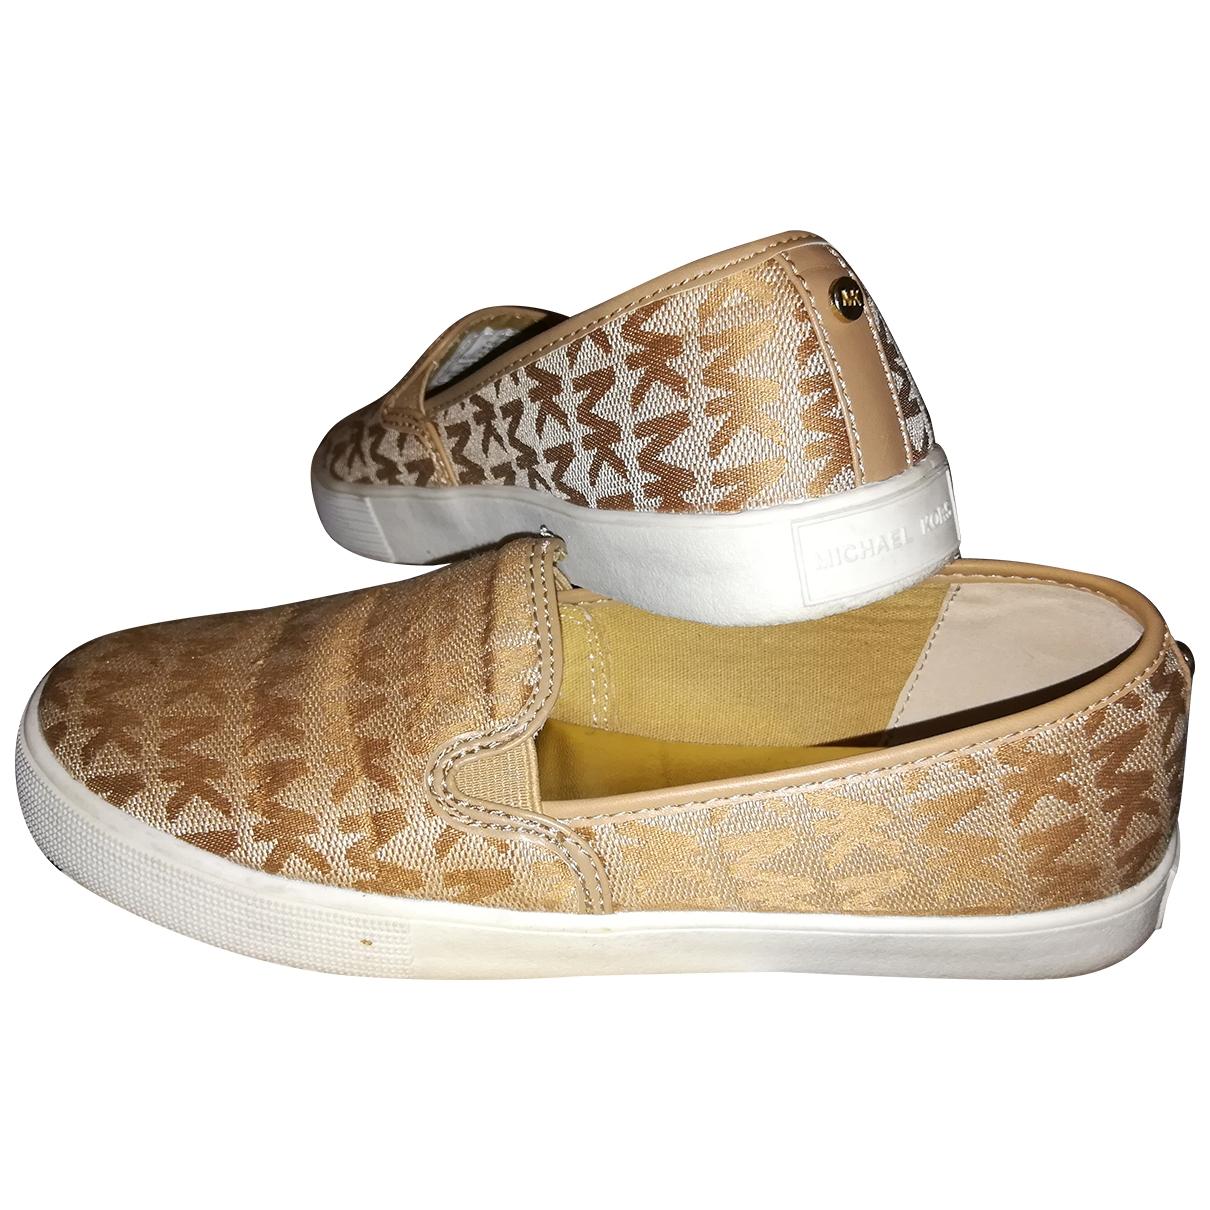 Michael Kors \N Sneakers in Leinen